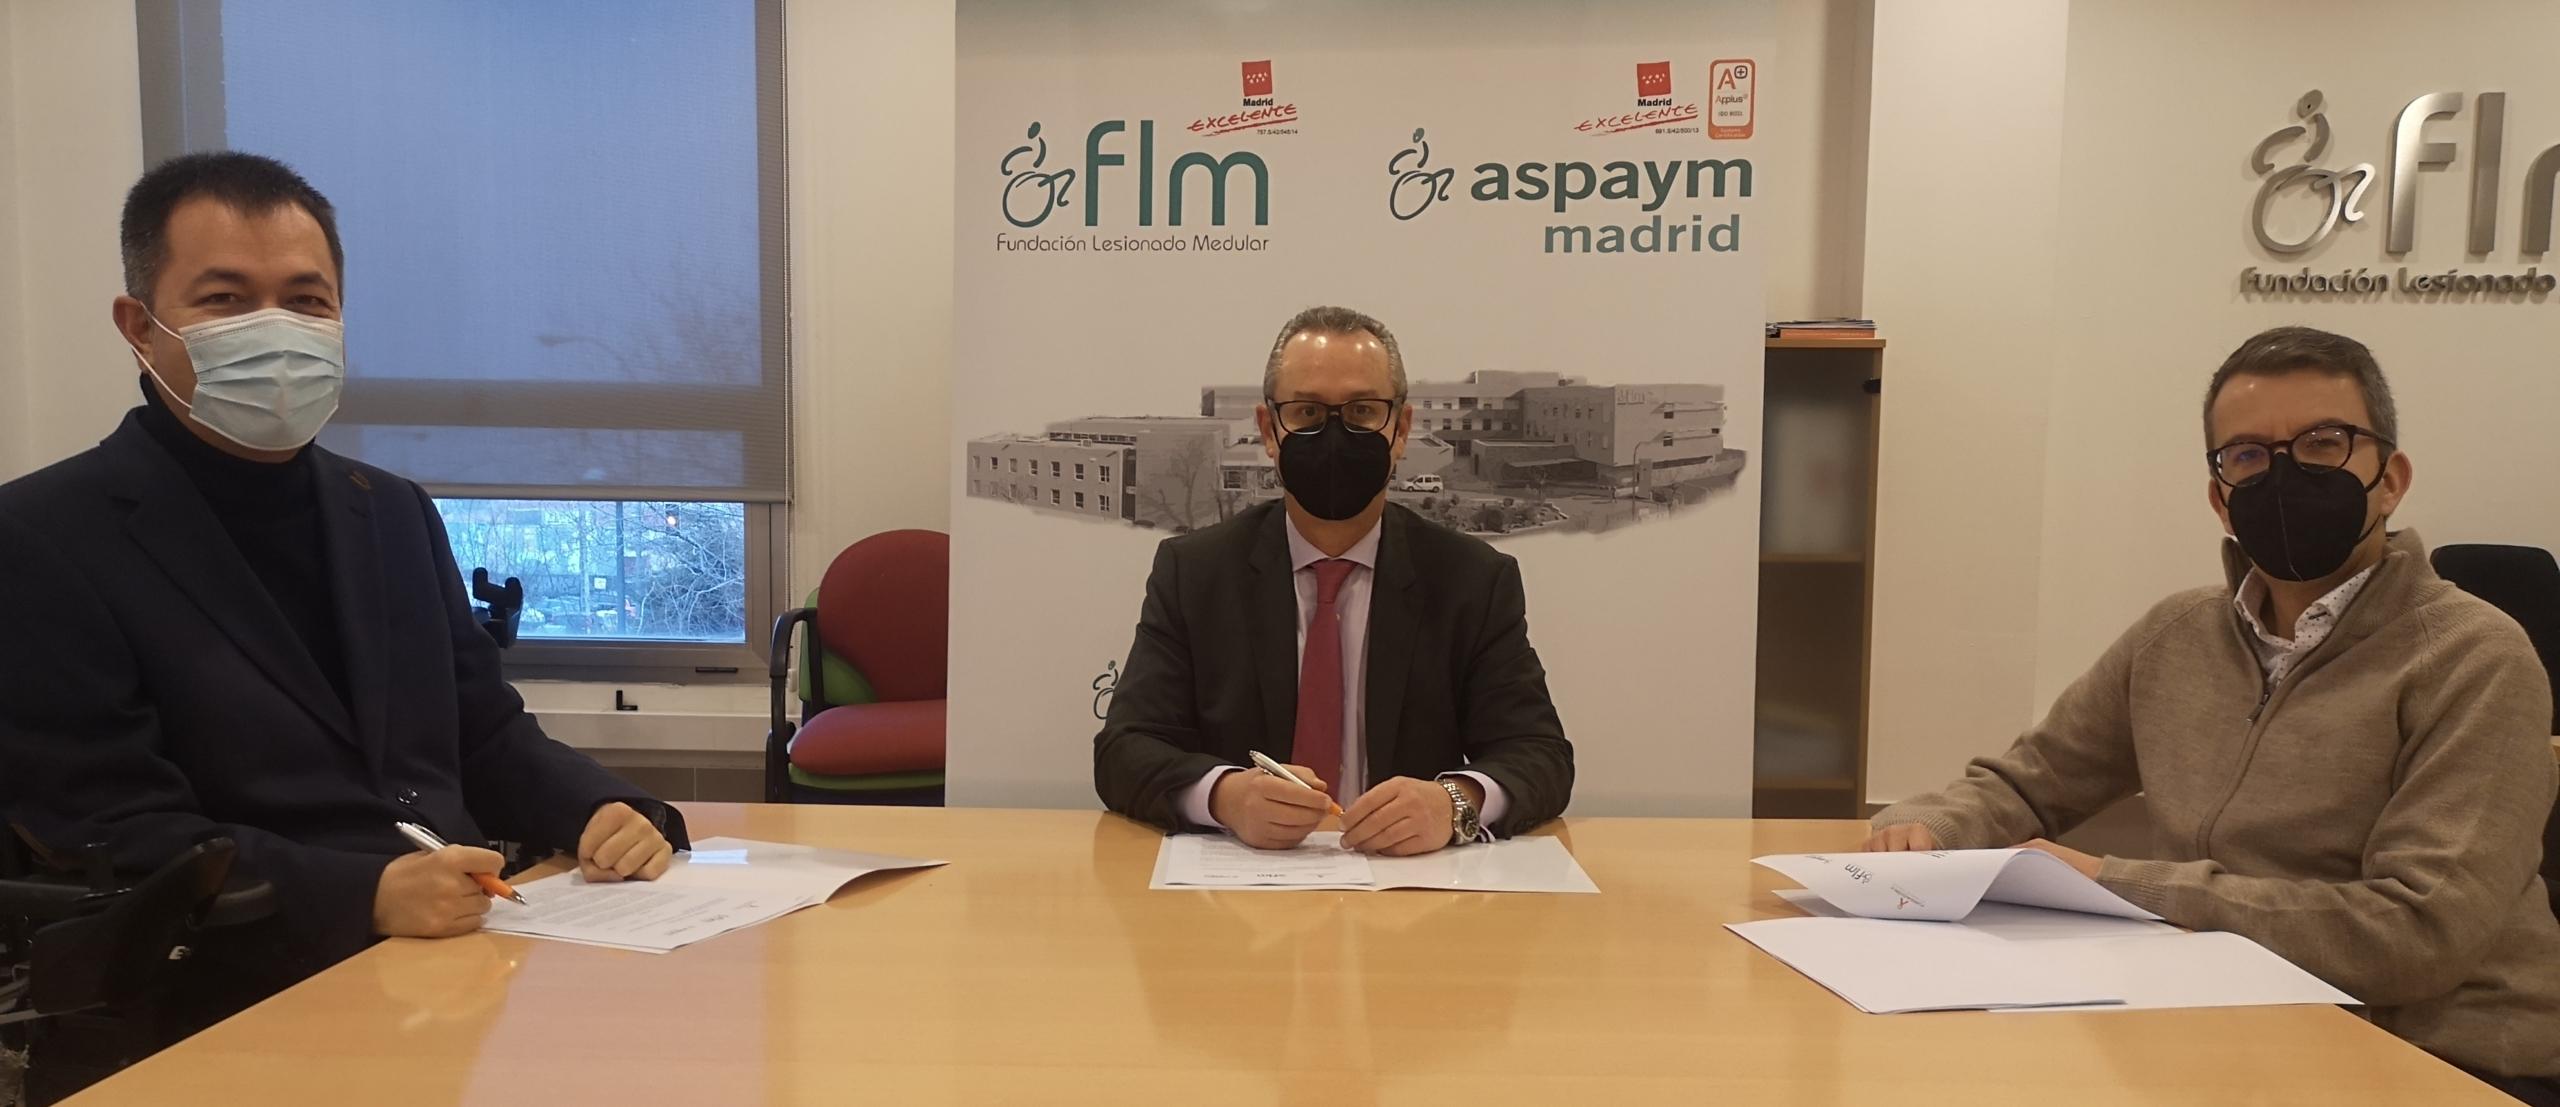 Presidentes de ASPAYM Madrid y FLM y Gerente de Fundación A firman un convenio de colaboración